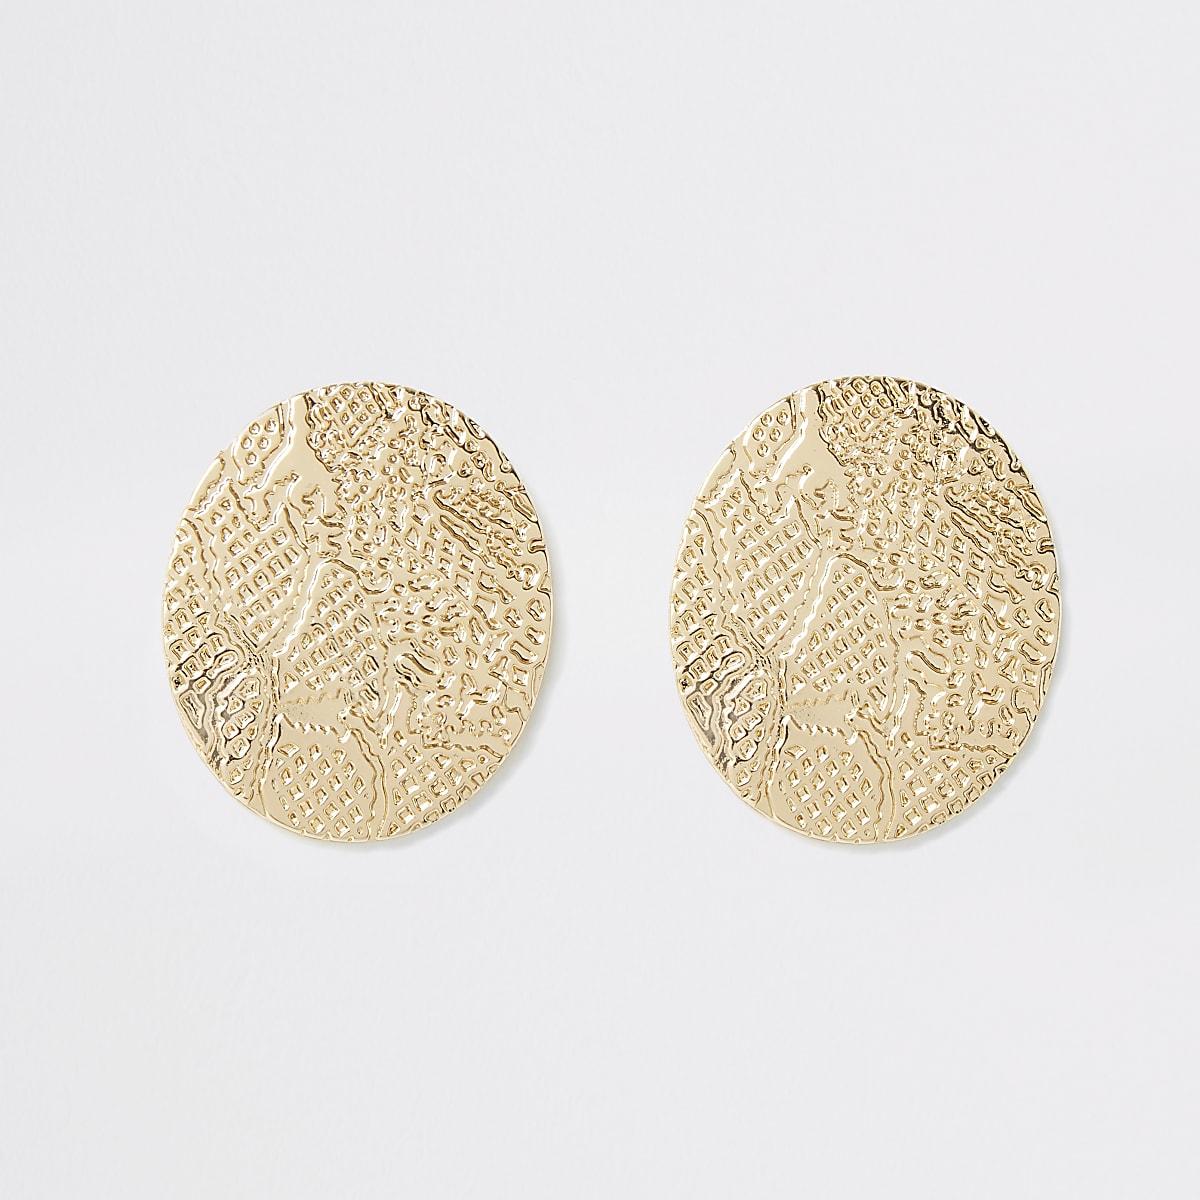 Clous d'oreilles ovales dorés imprimé serpent